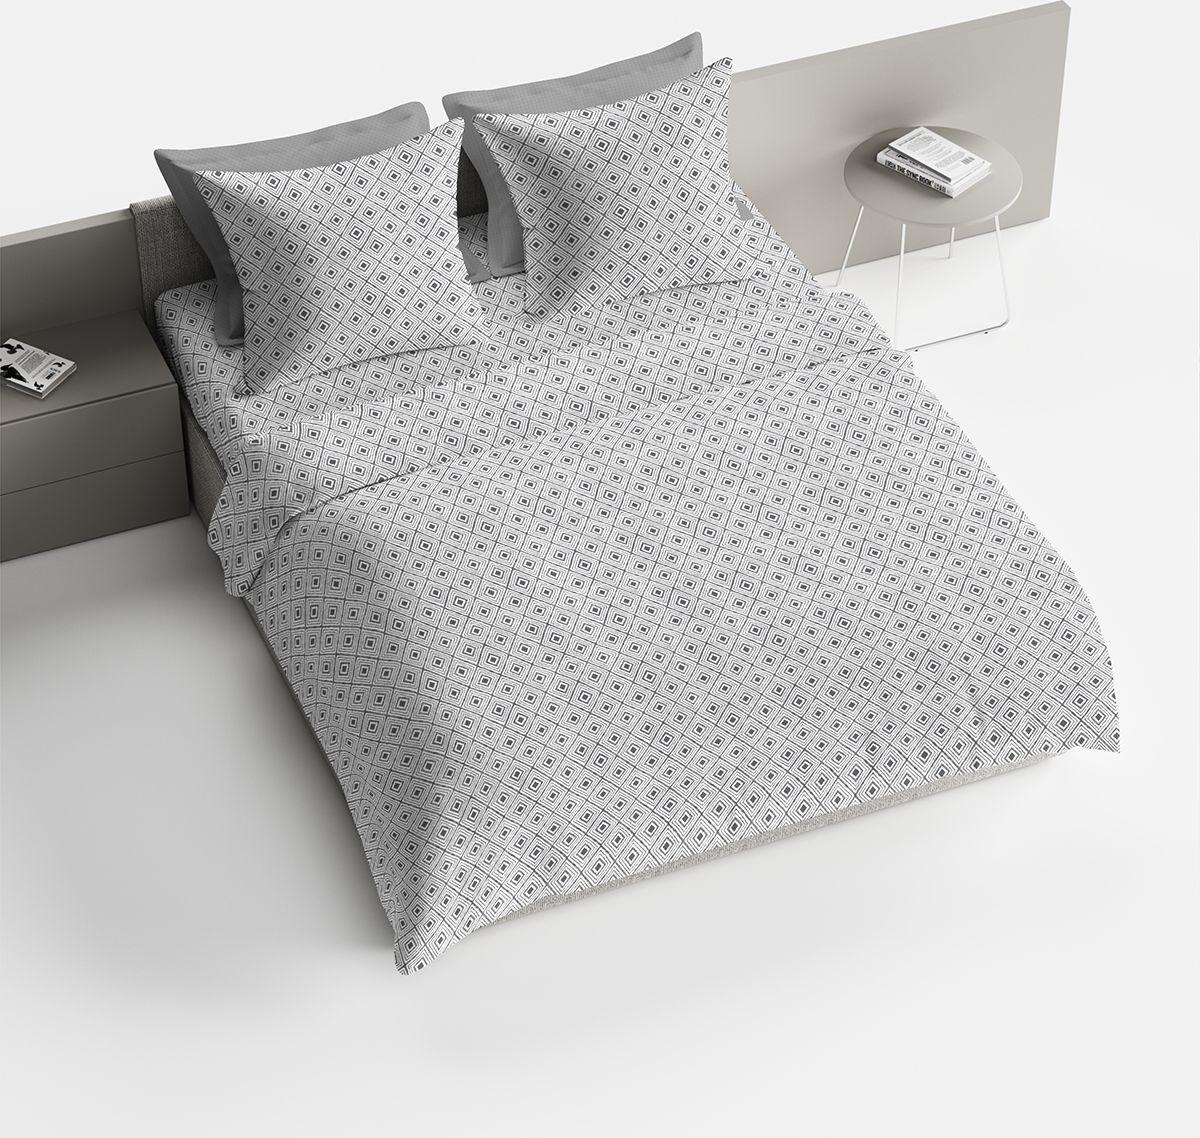 Комплект белья Браво Франко, 1,5 спальное, наволочки 70x70, цвет: серый. 4096-1